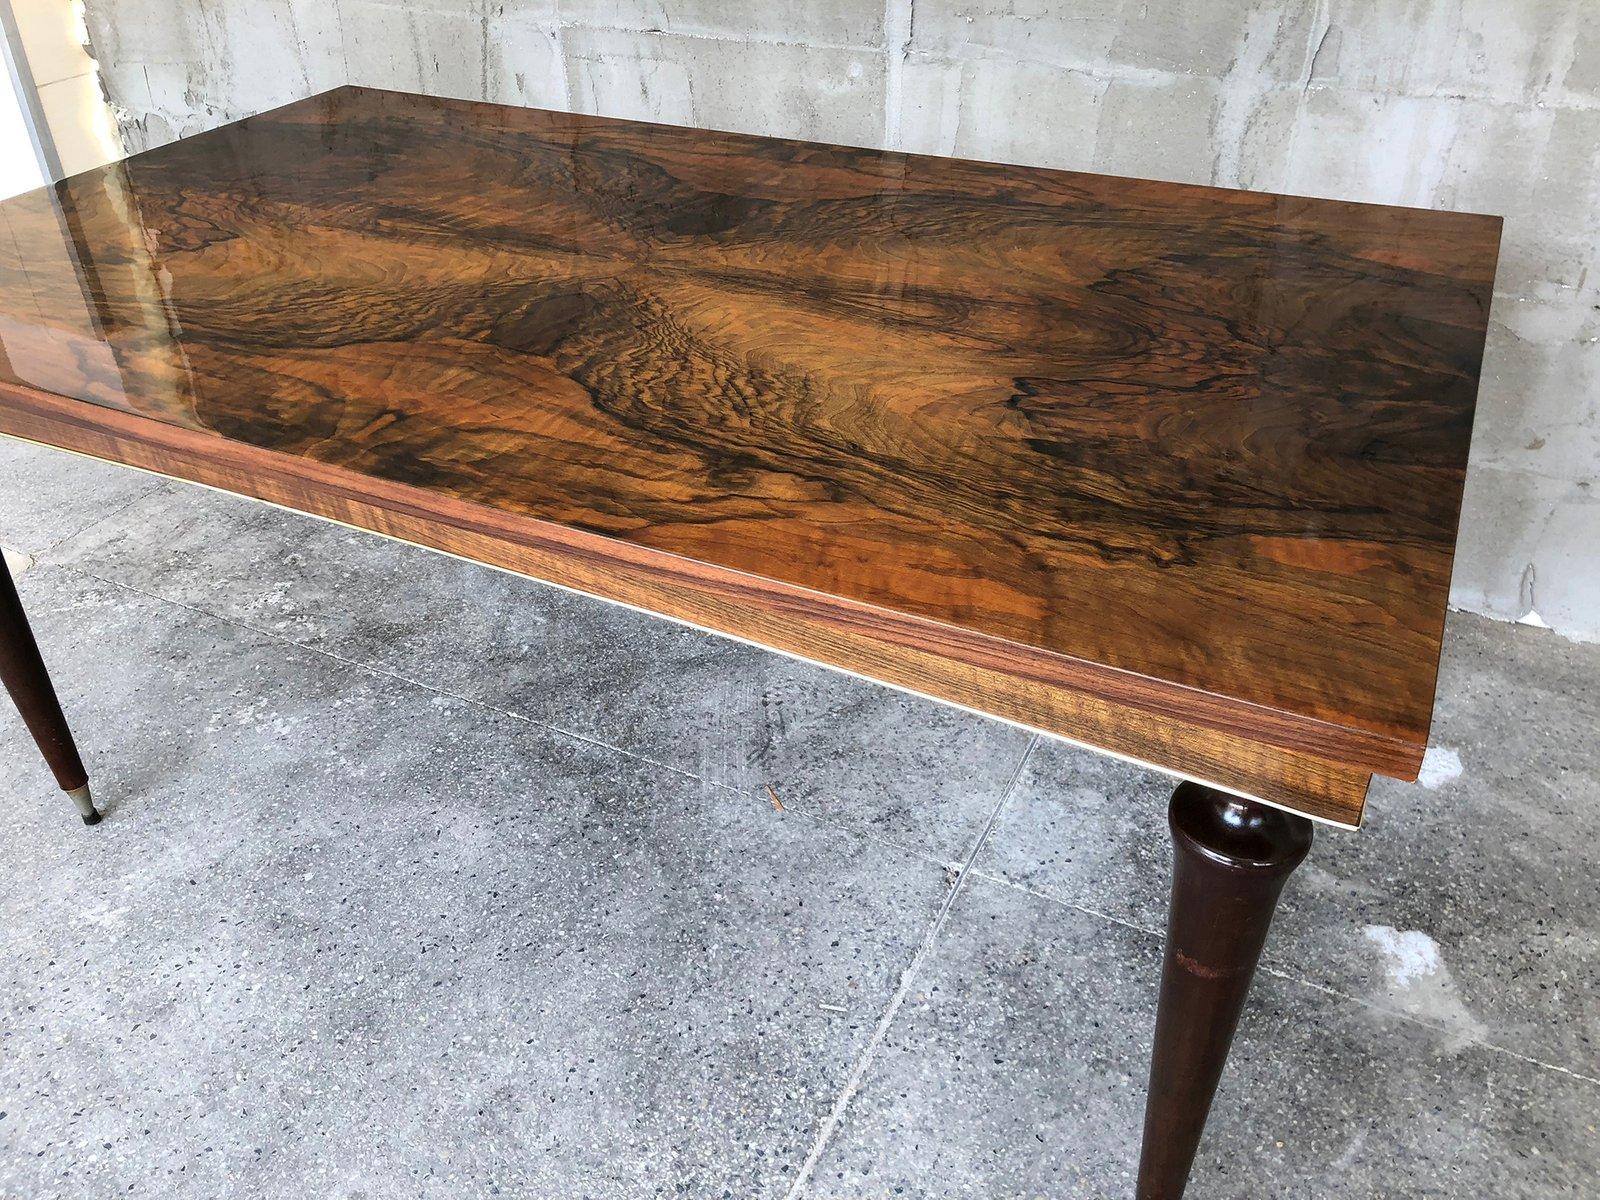 Tavolo da pranzo Art Déco in legno di noce laccato, Francia in vendita su Pamono